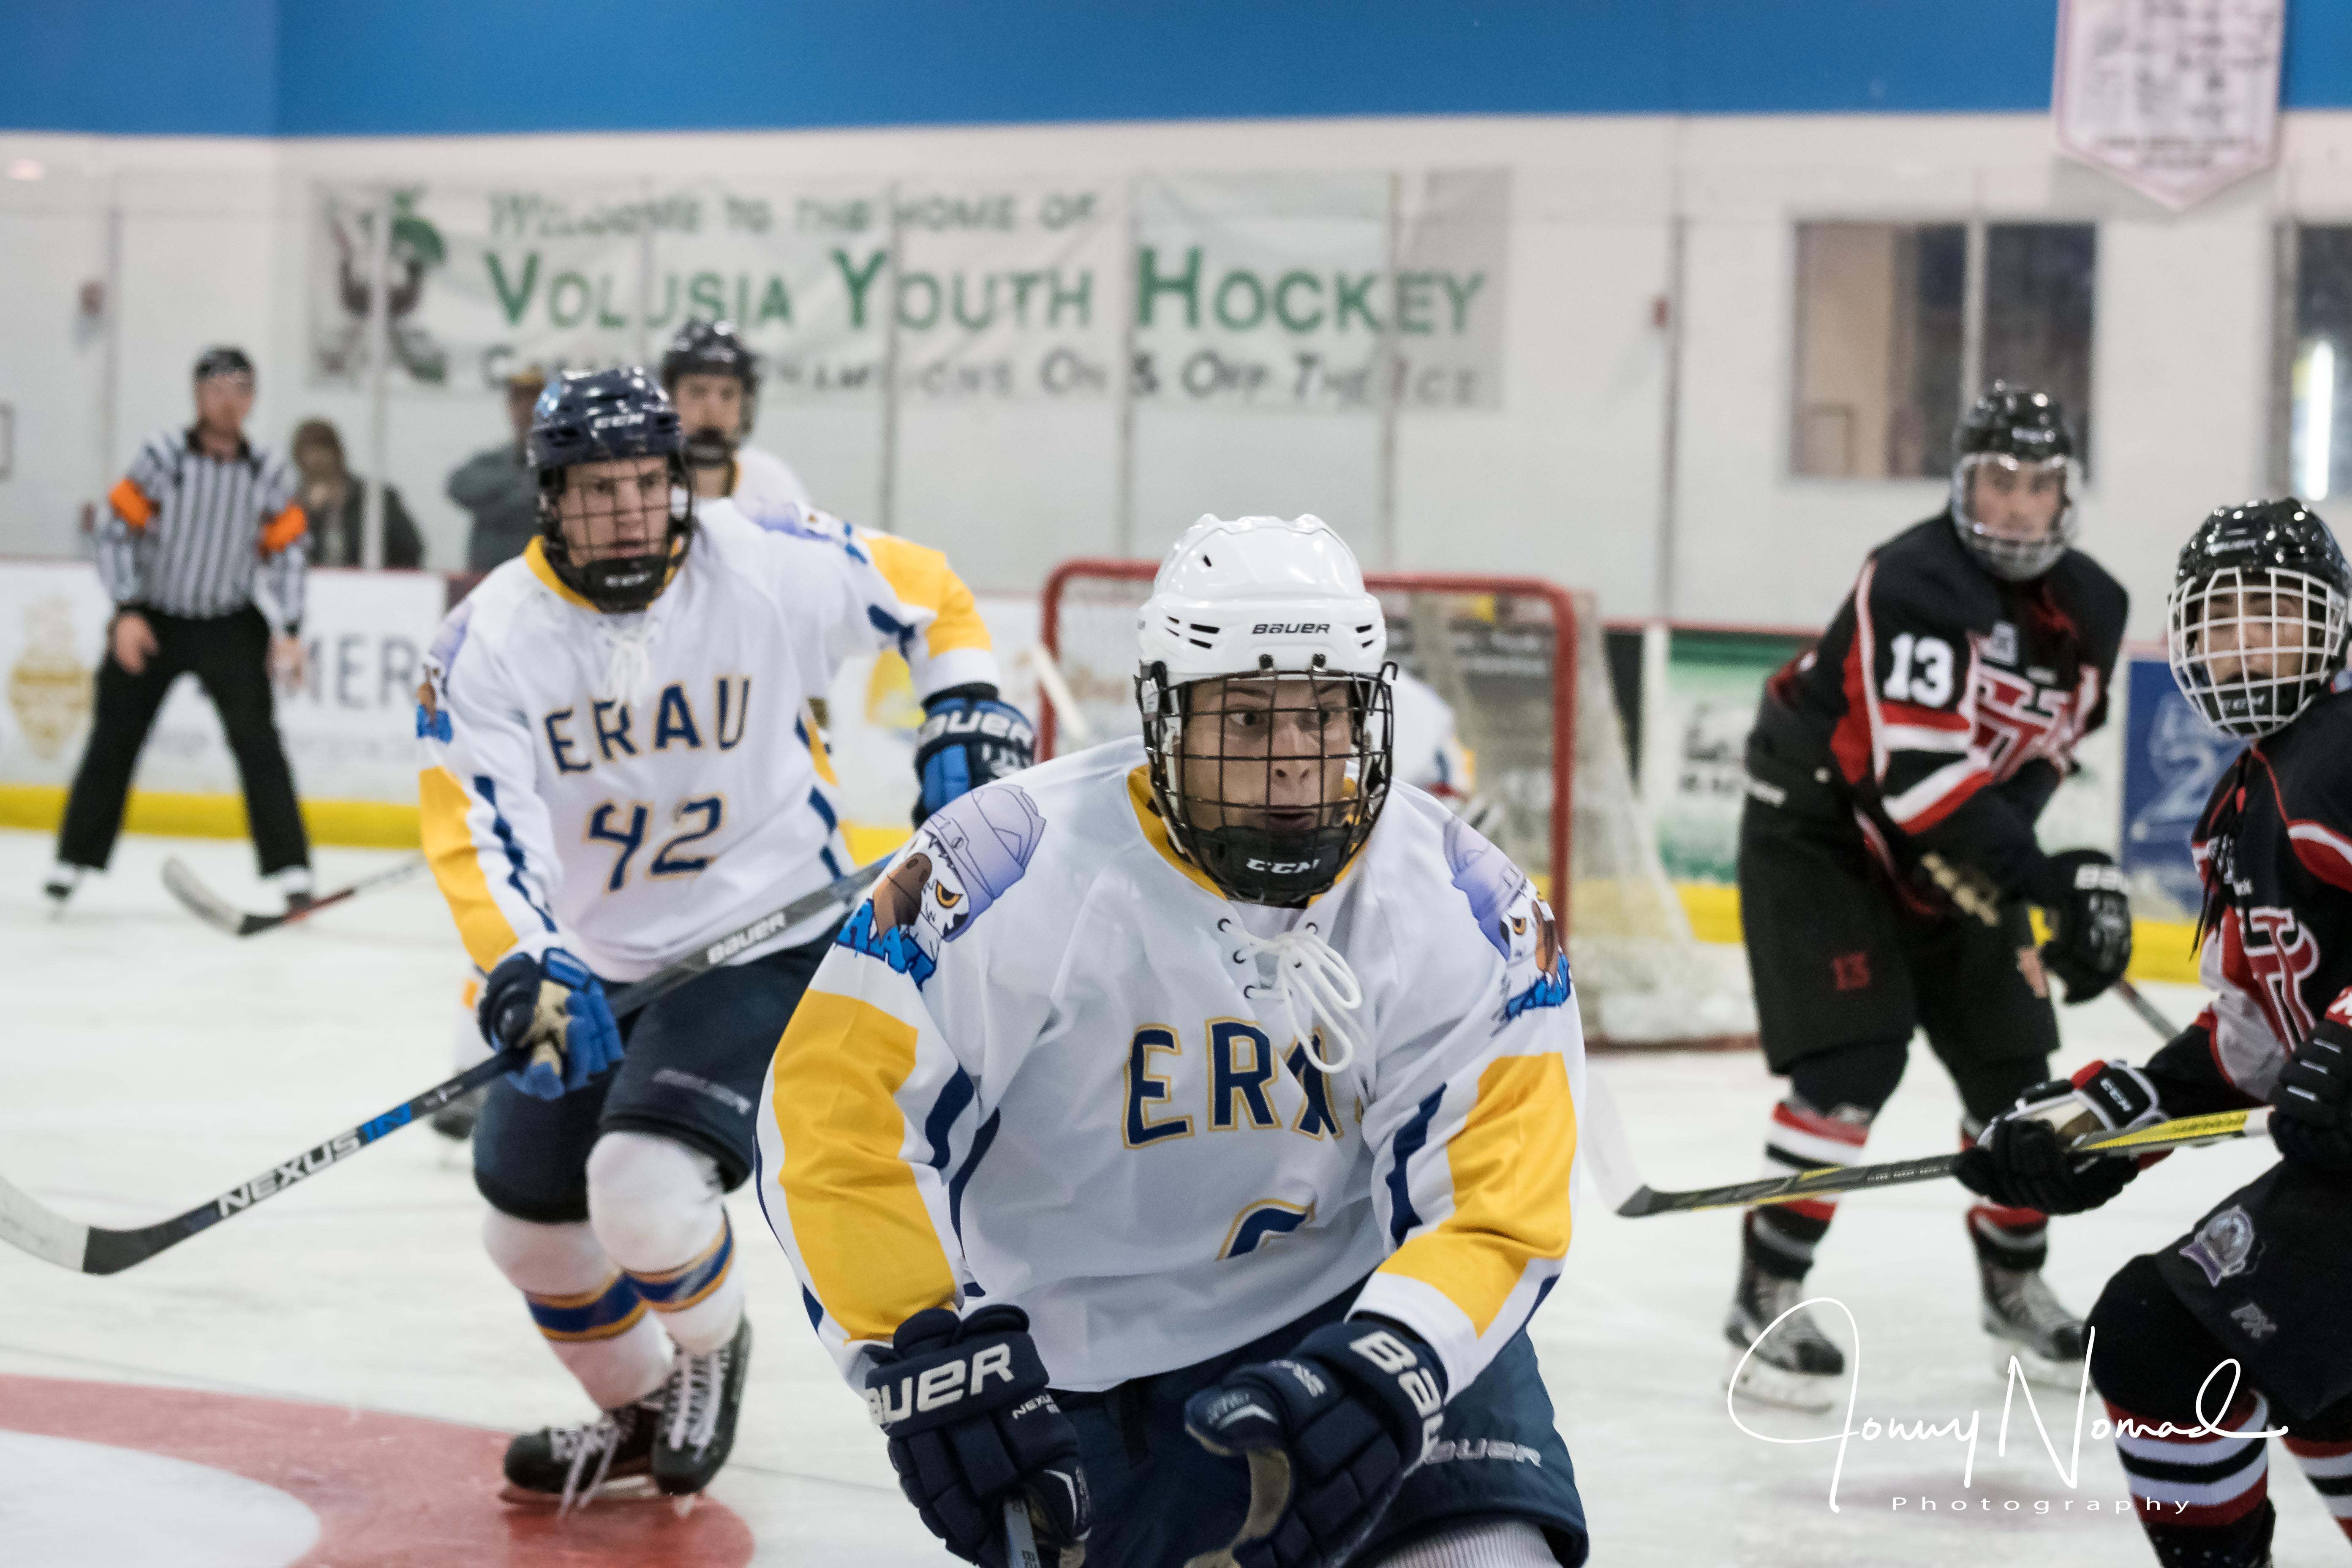 Pin By Jonny Nomad Media On Embry Riddle Eagles Ice Hockey Youth Hockey Ice Hockey Hockey